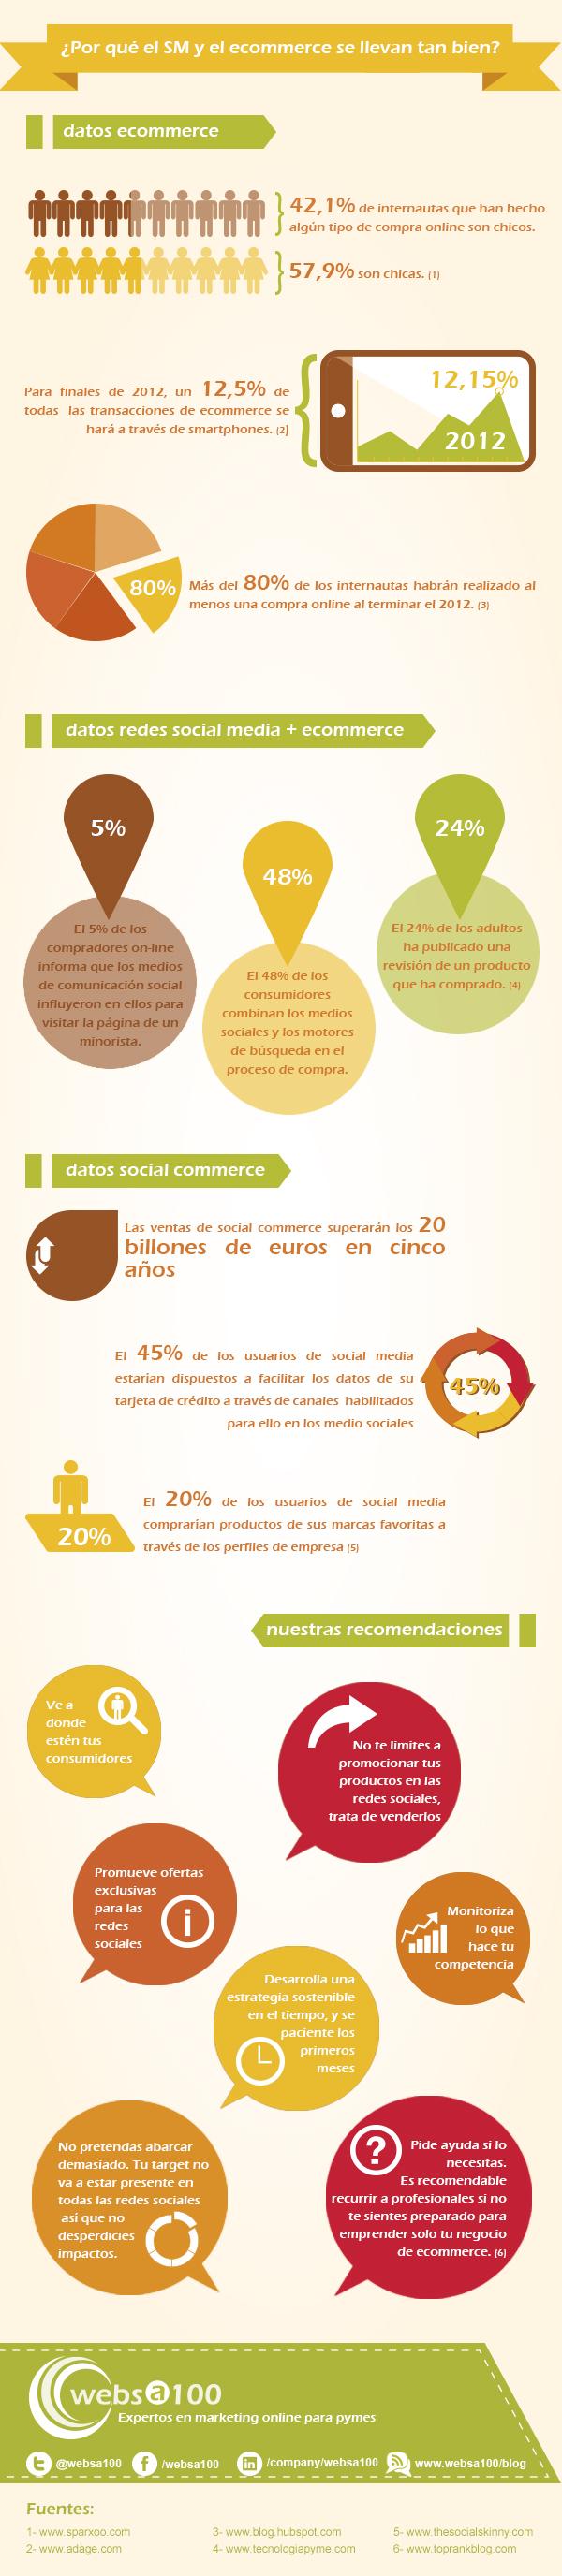 Infografia ecommerce y social media, condenados a entenderse